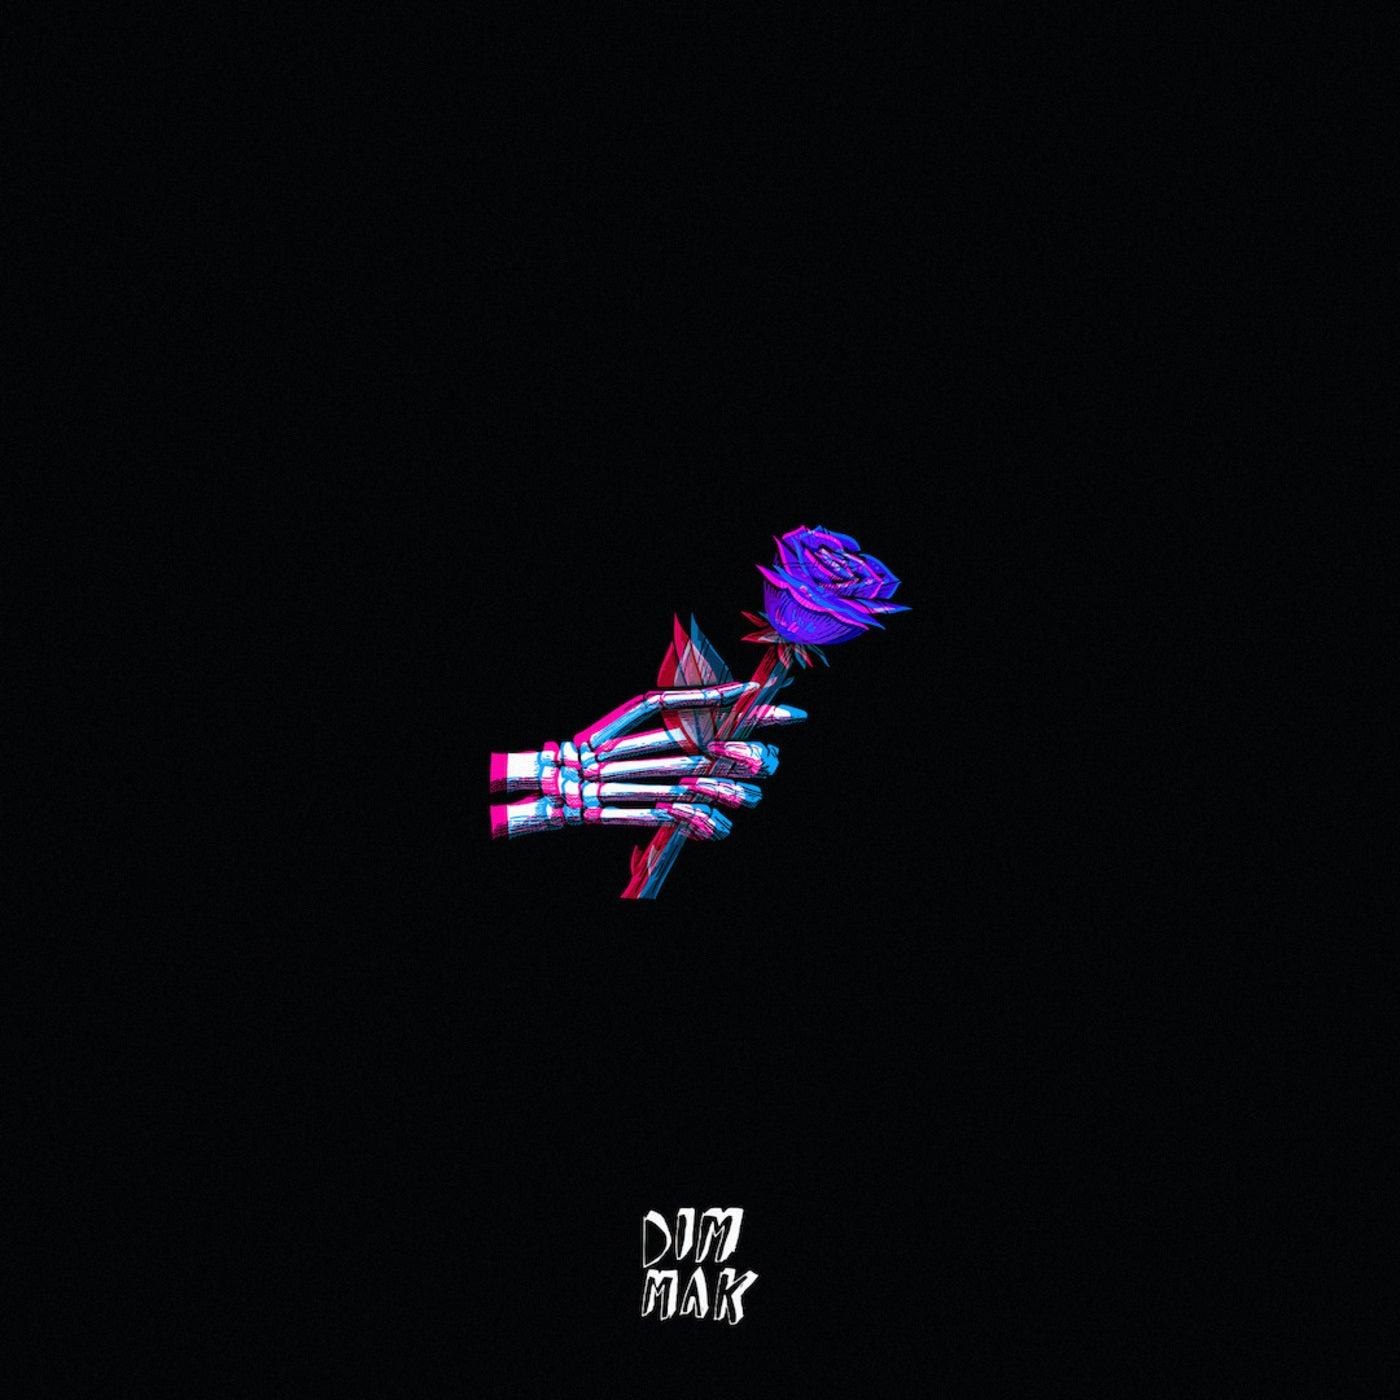 Don't You (Original Mix)